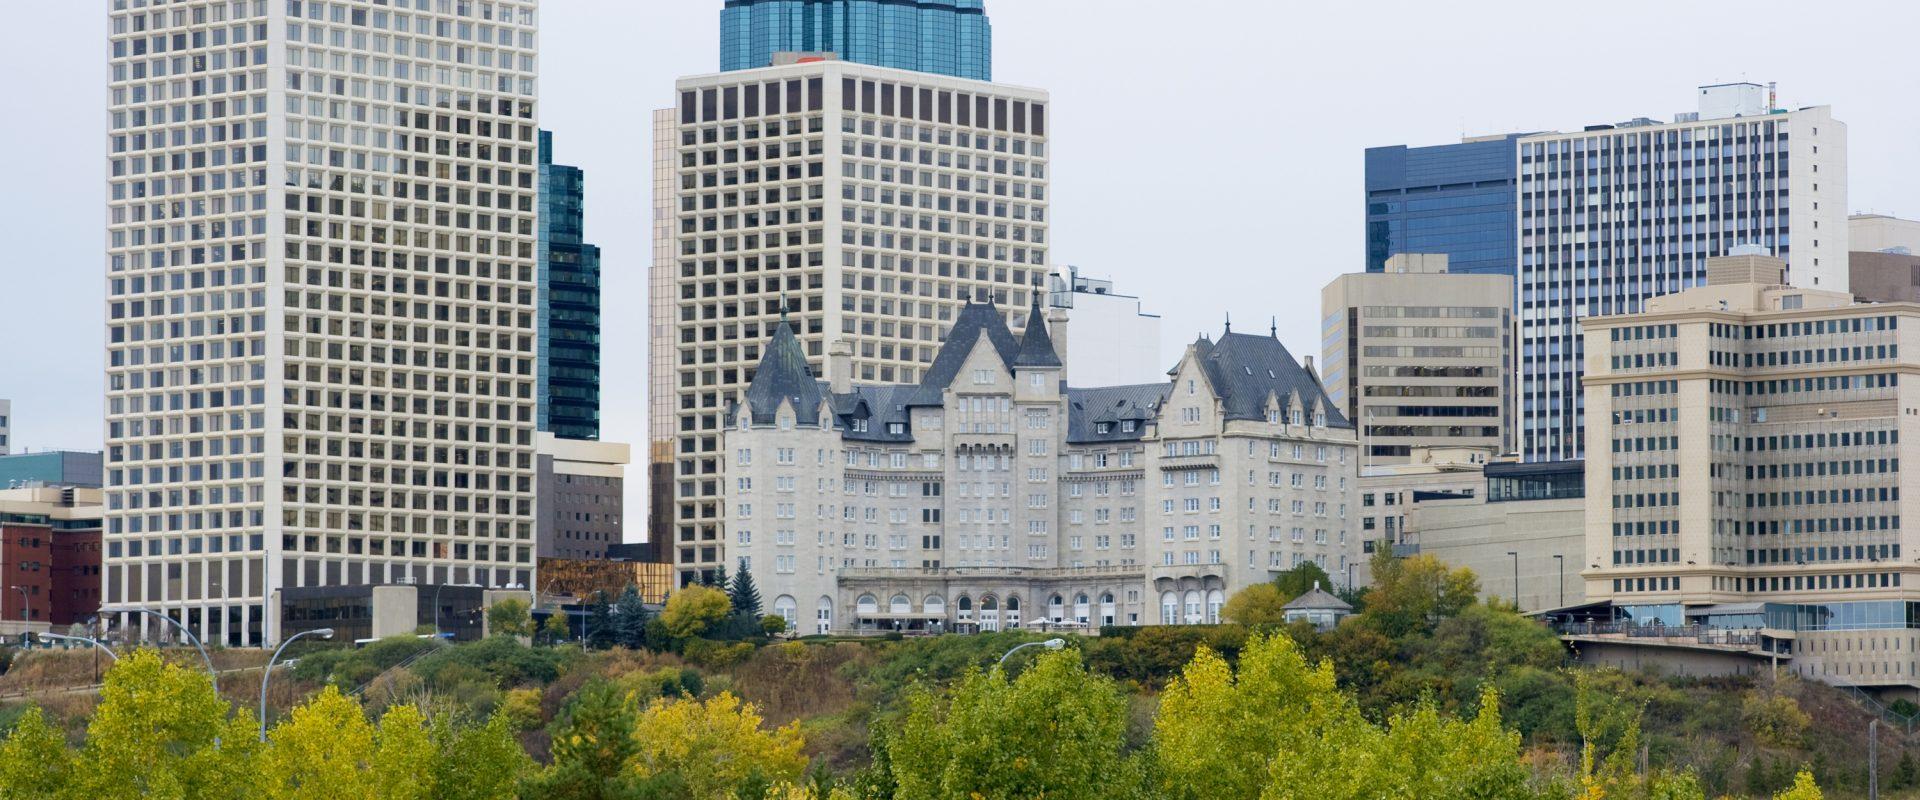 CPRS Edmonton